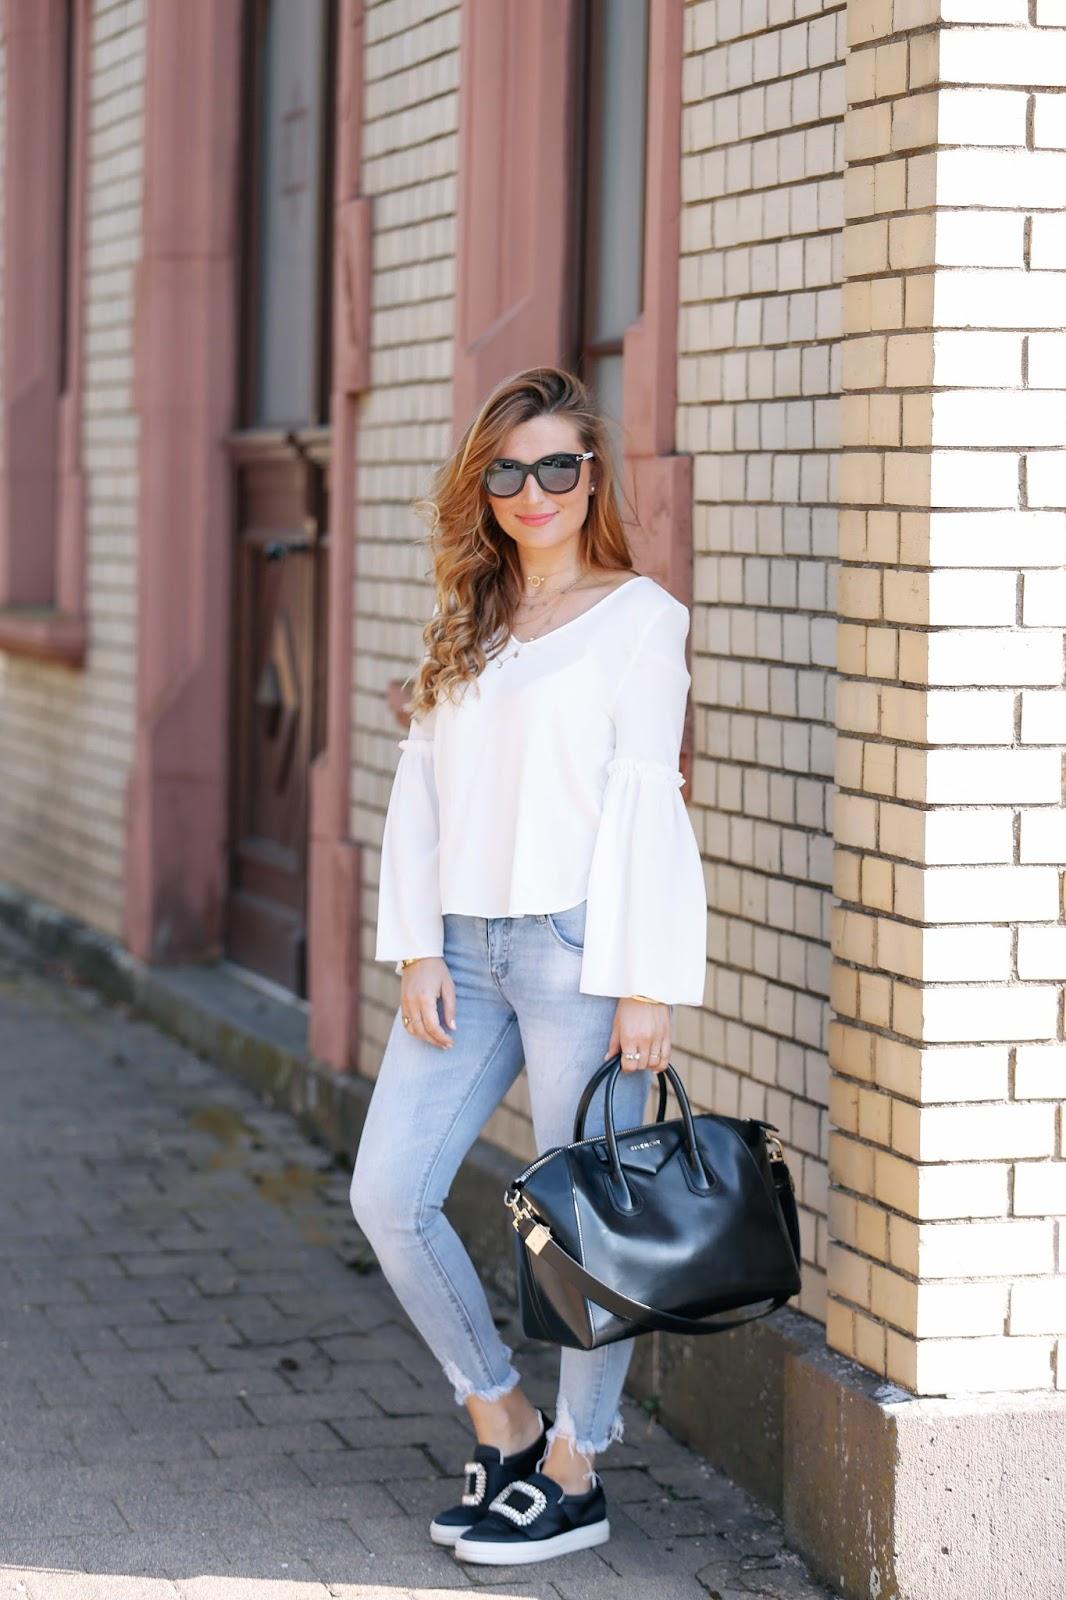 Givenchy-tasche-fashionblog-frankfurt-styleblog-munich-blogger-deutschland-fashionblogger-bloggerdeutschland-lifestyleblog-modeblog-germanblogge